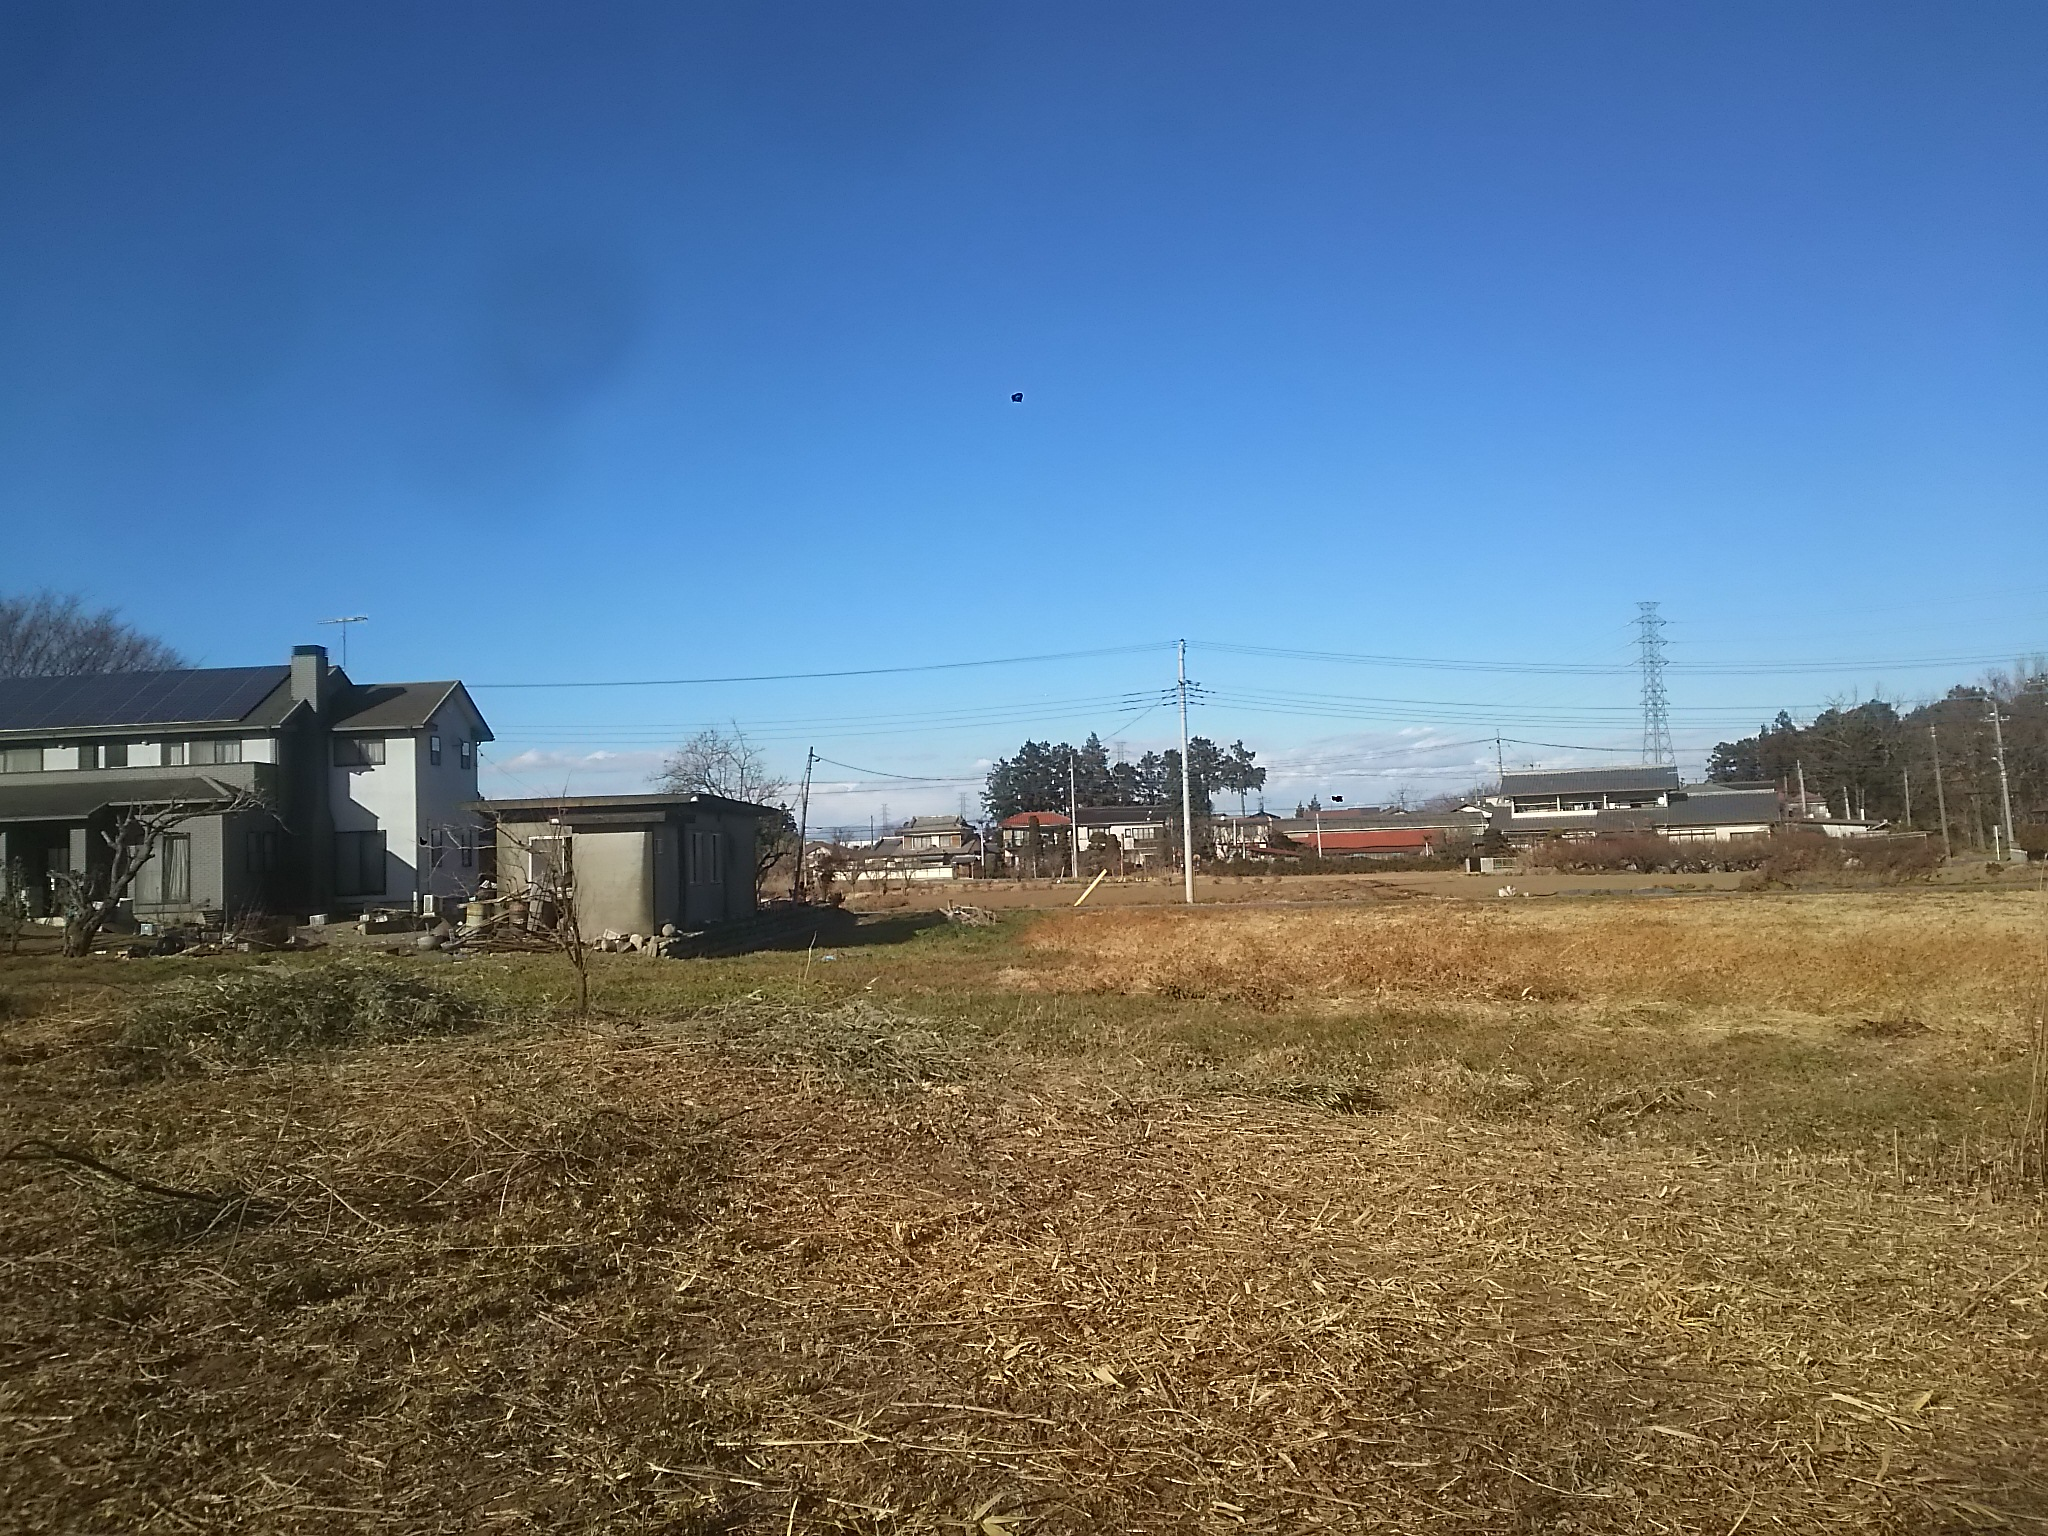 荒地再生炭焼きプロジェクトで変わった風景